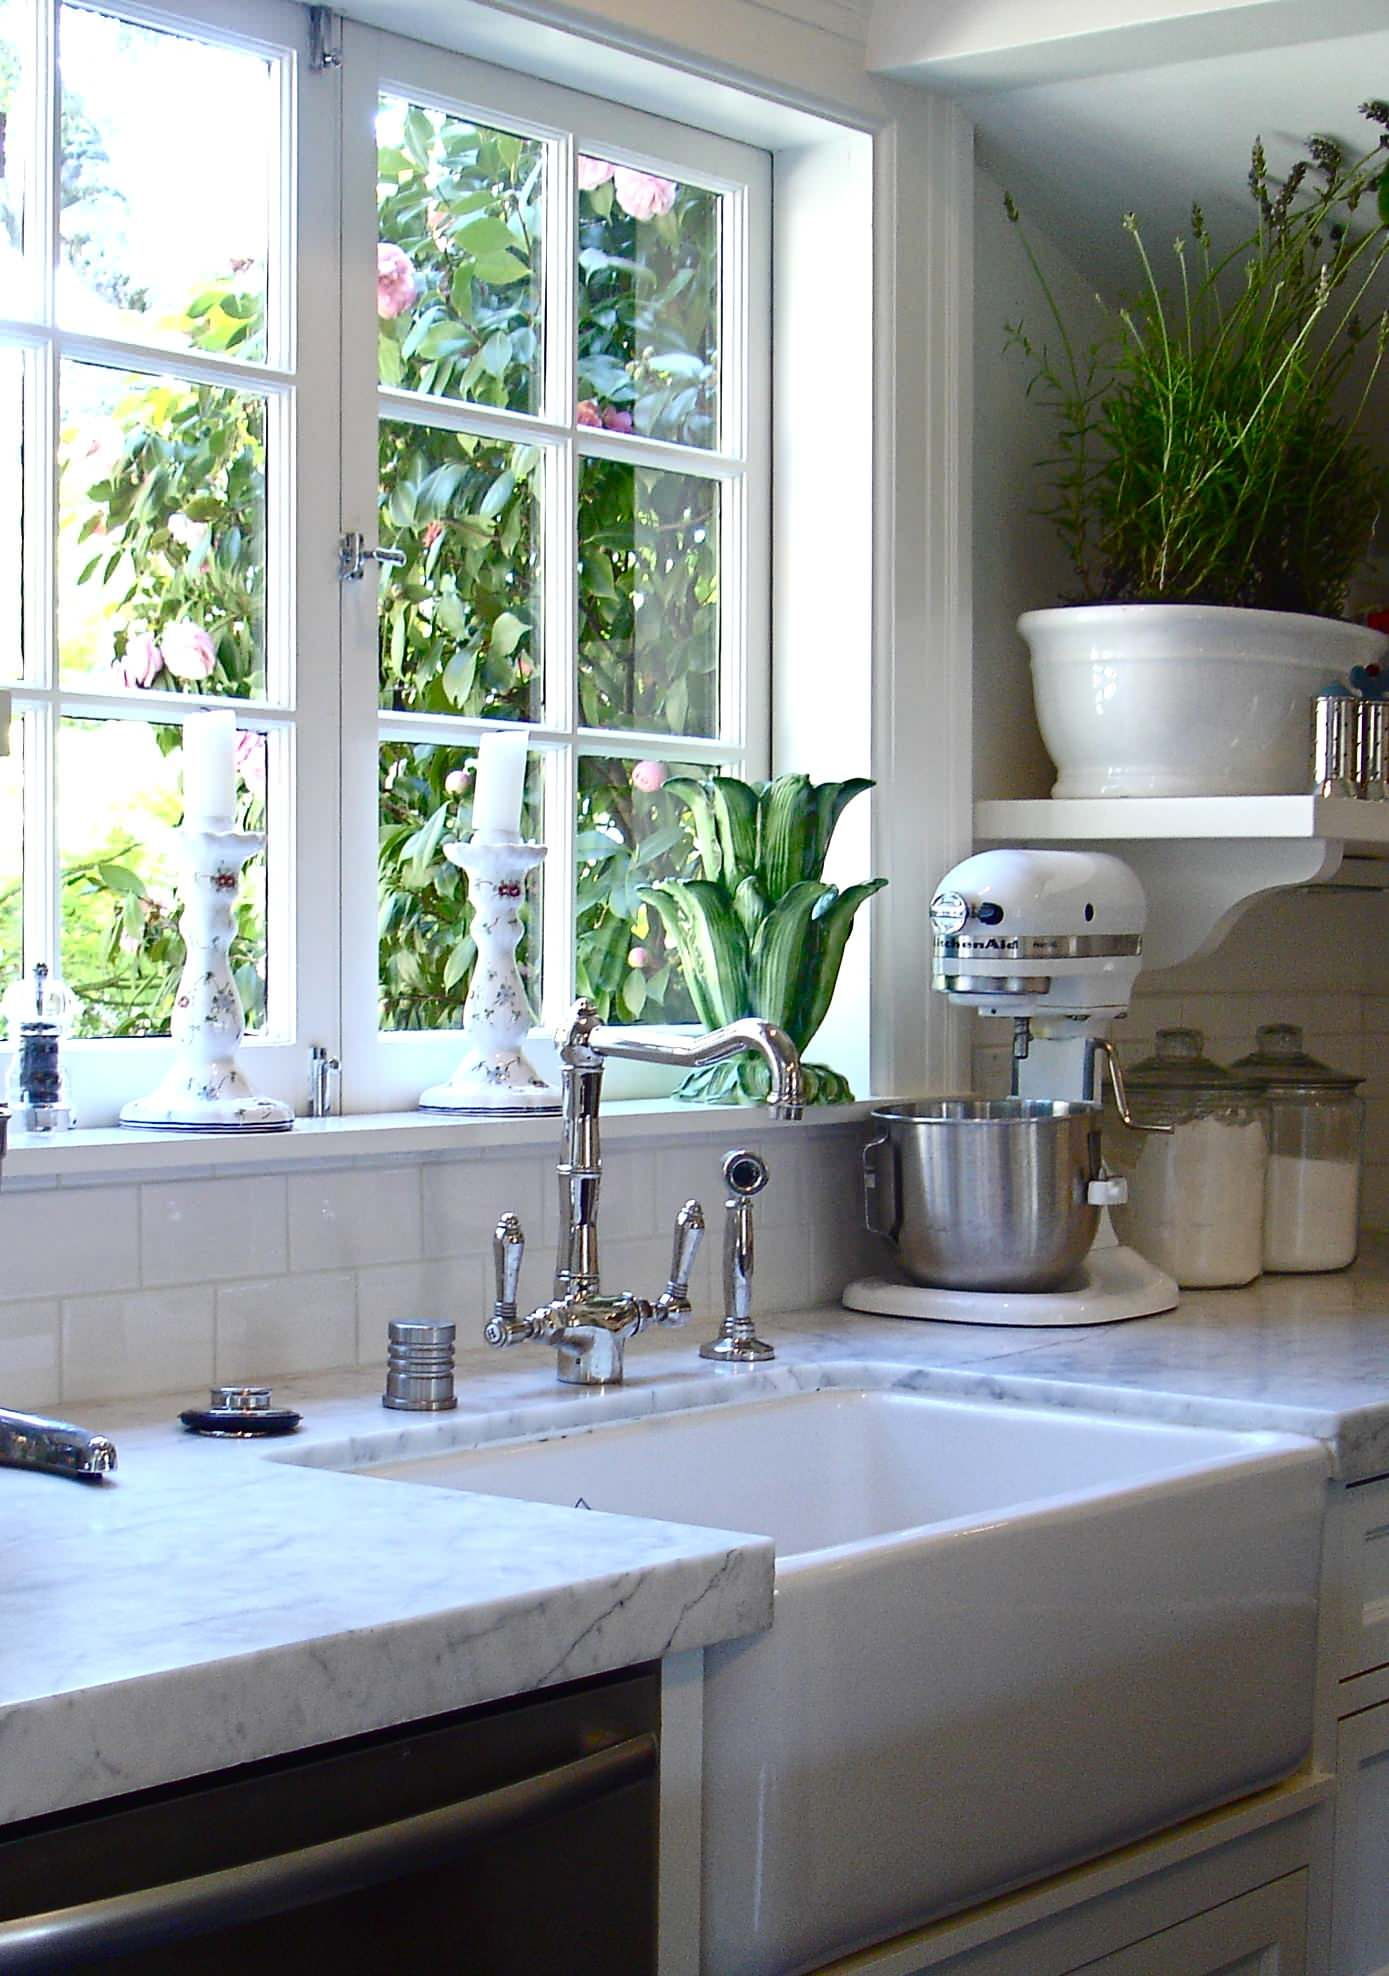 Kitchen   Kitchen sink design, Kitchen window design, Kitchen ...